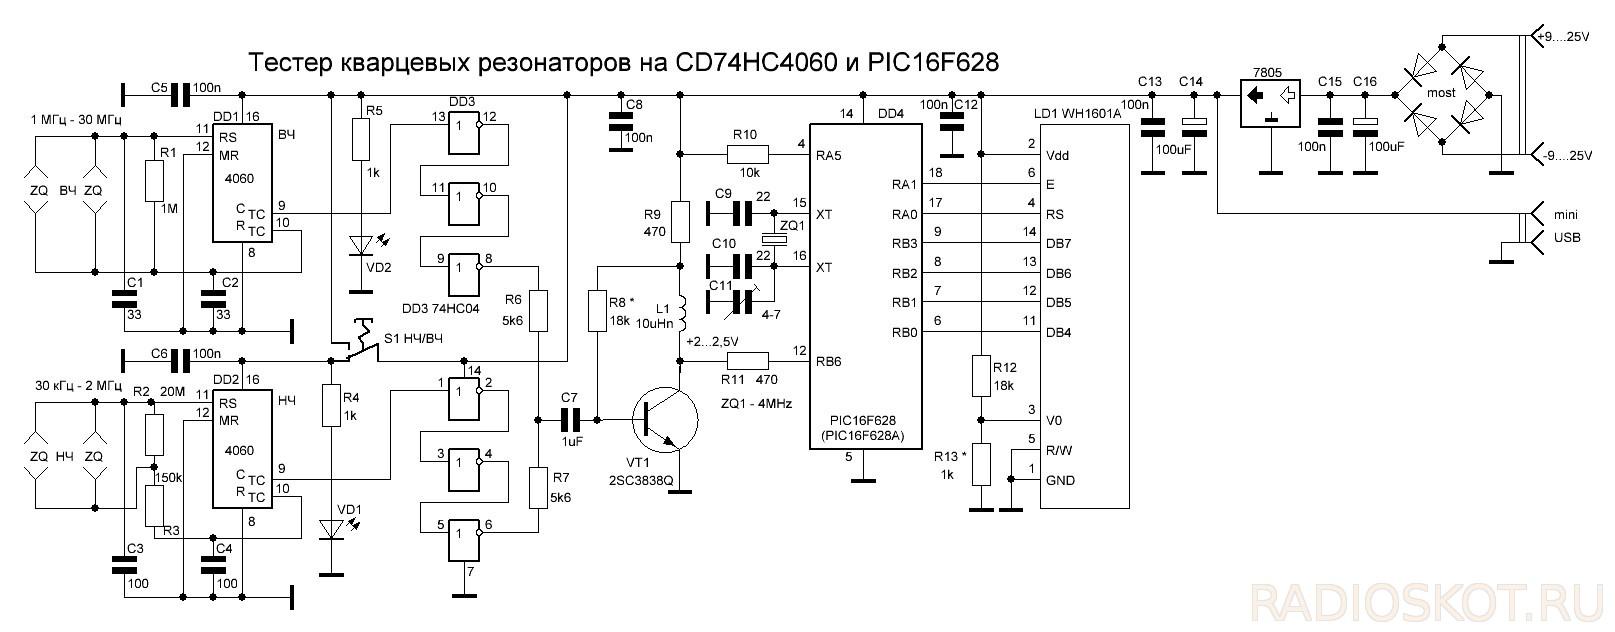 Органы управления петре 1 схема фото 133